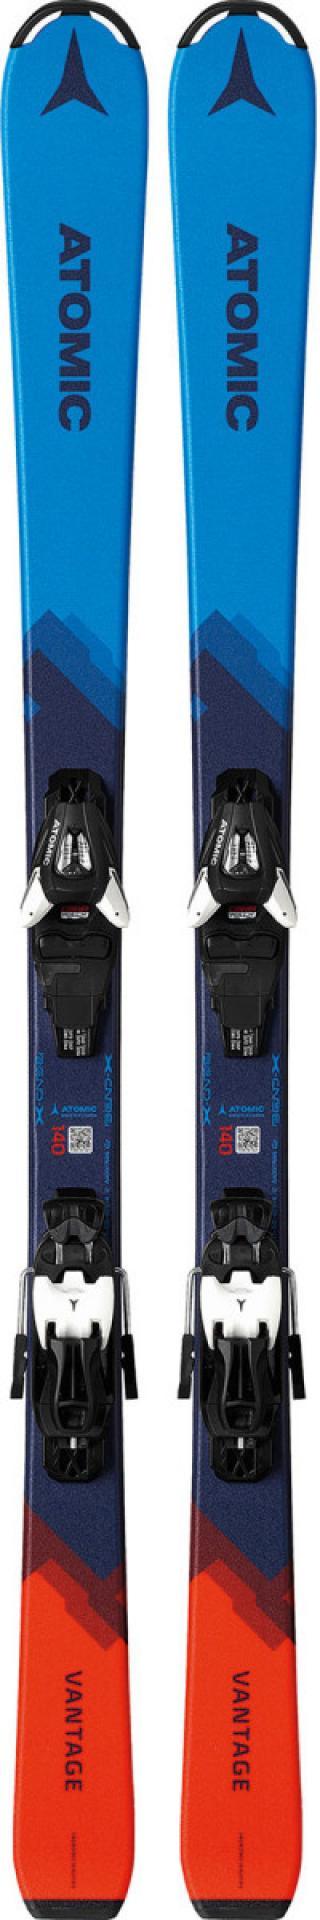 Atomic Vantage Jr 130-150cm   C5 GW 21/22 Délka: 130 cm modrá